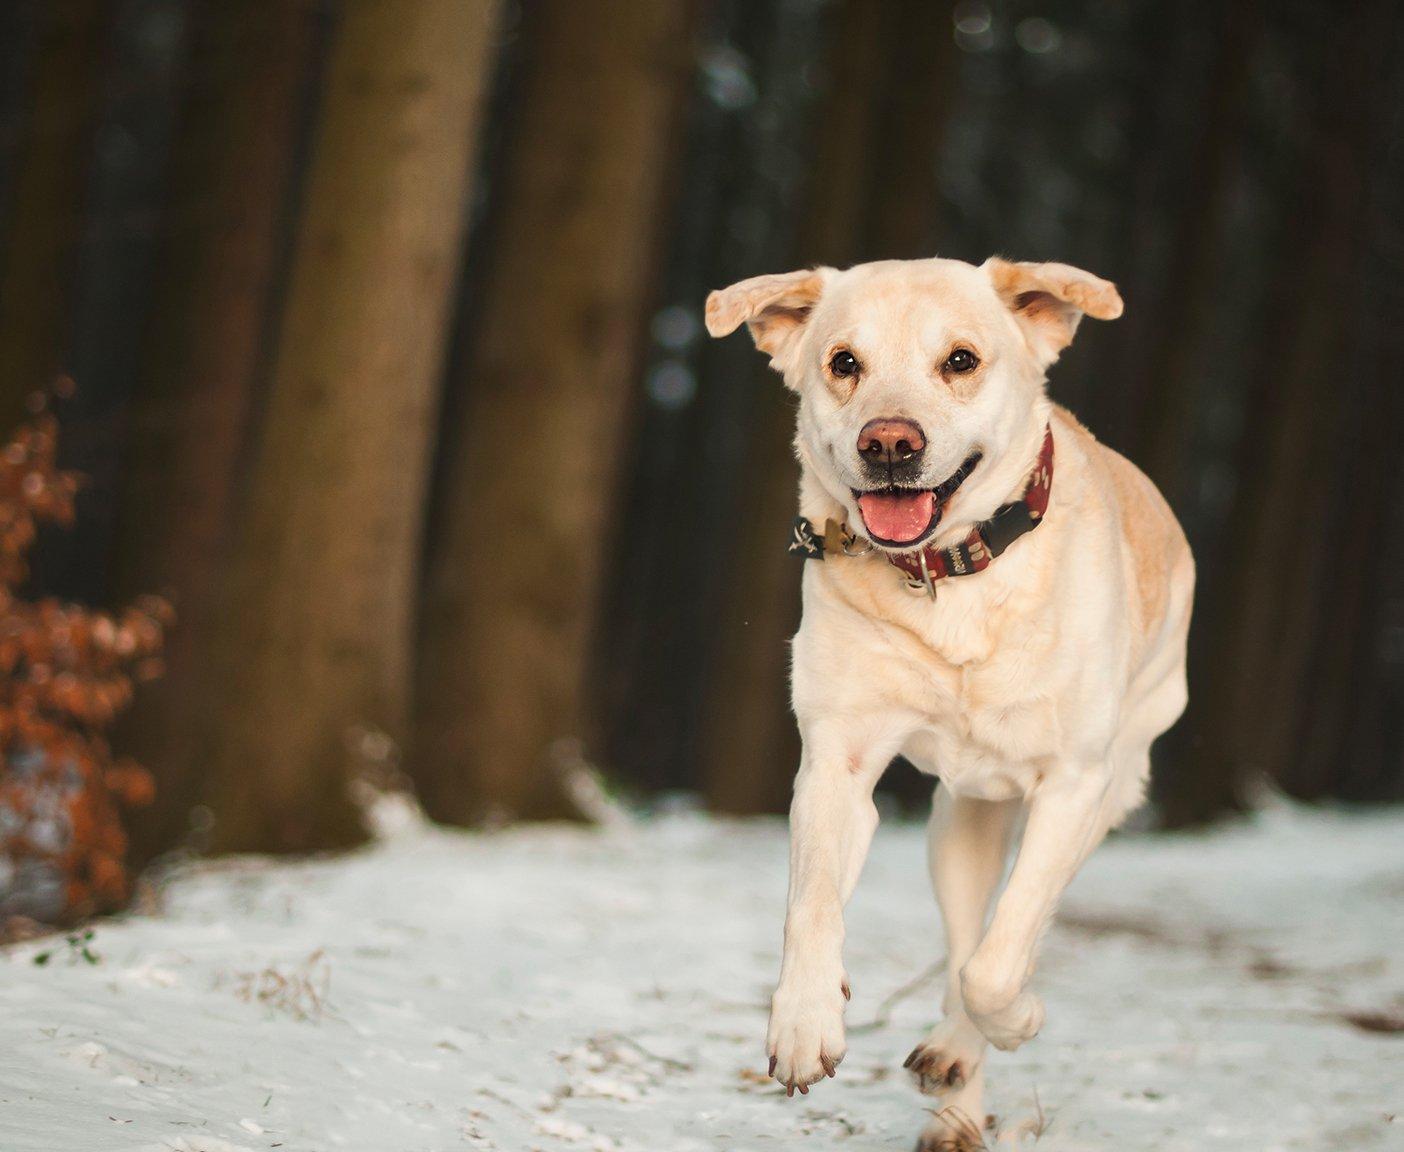 Hund rennend im Schnee mit Leine